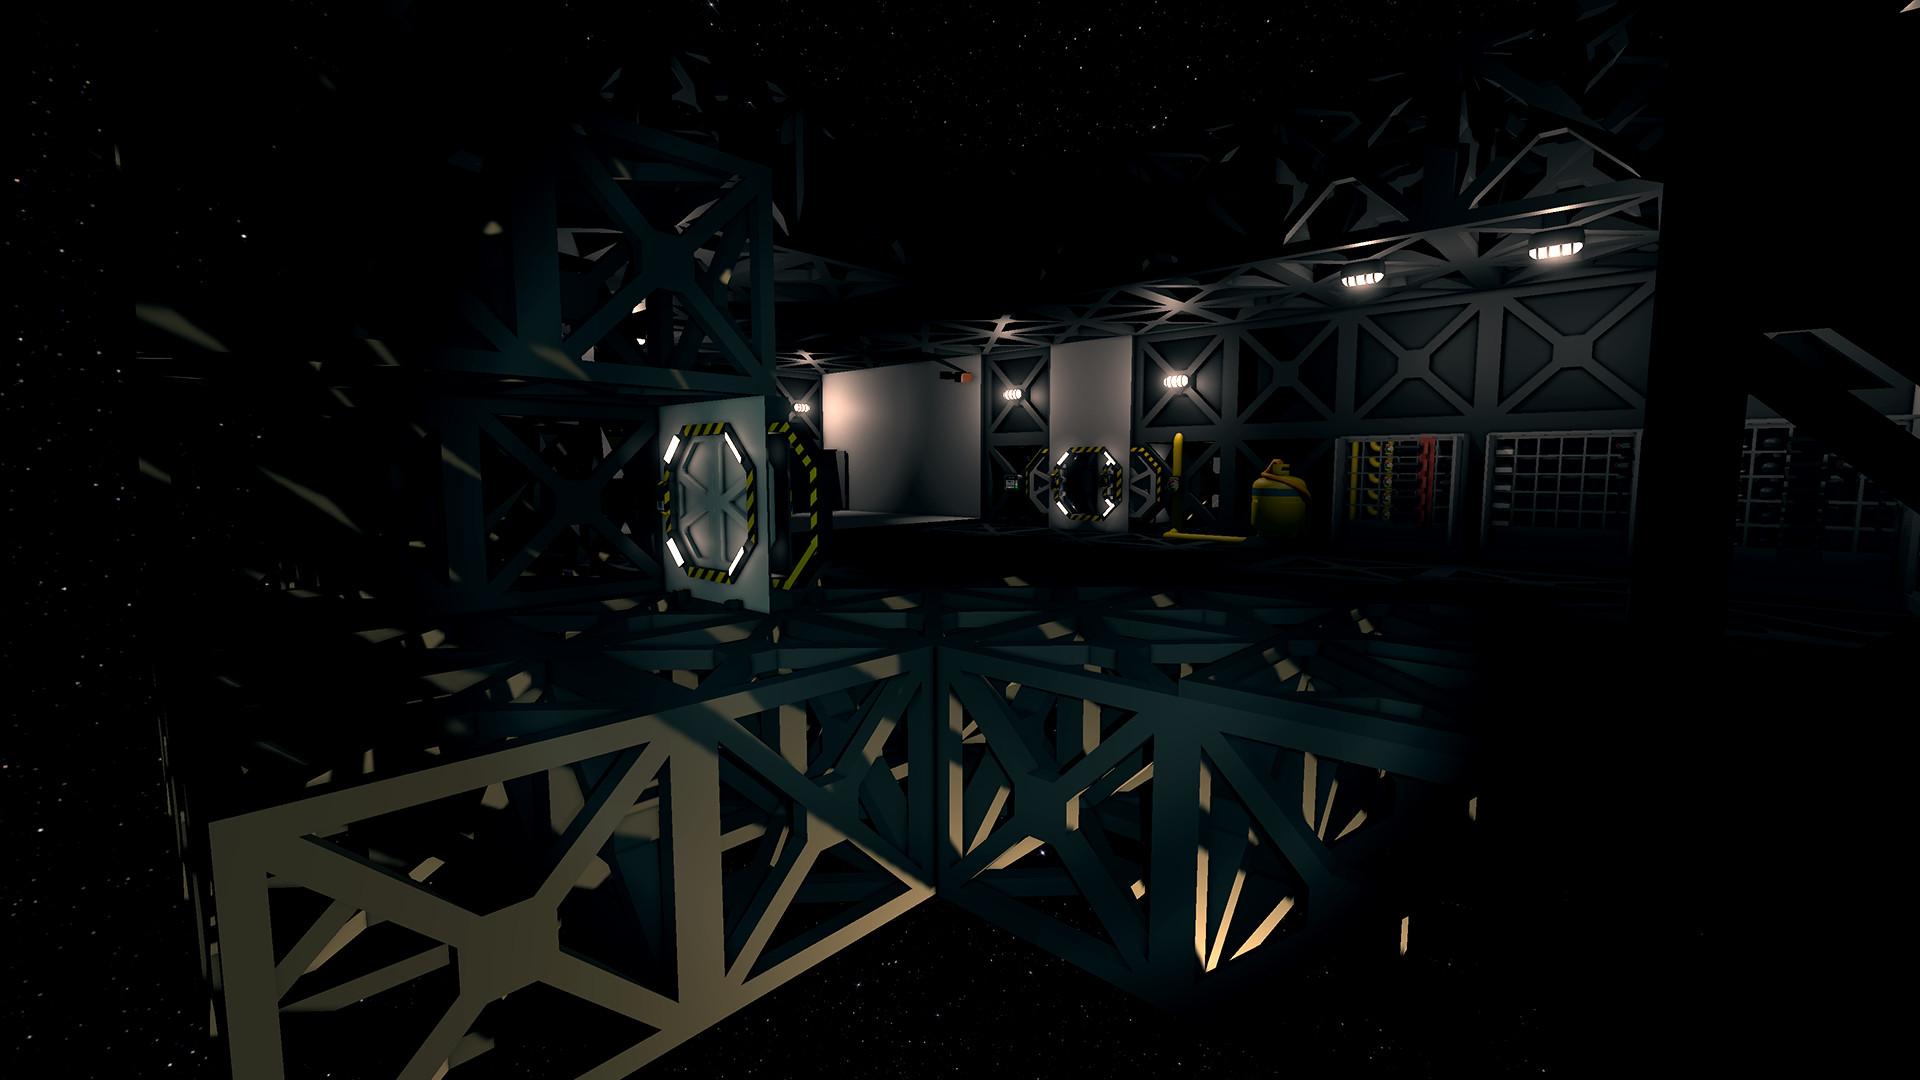 Dean Hall představil hru Stationeers se správou vesmírných stanic 141489